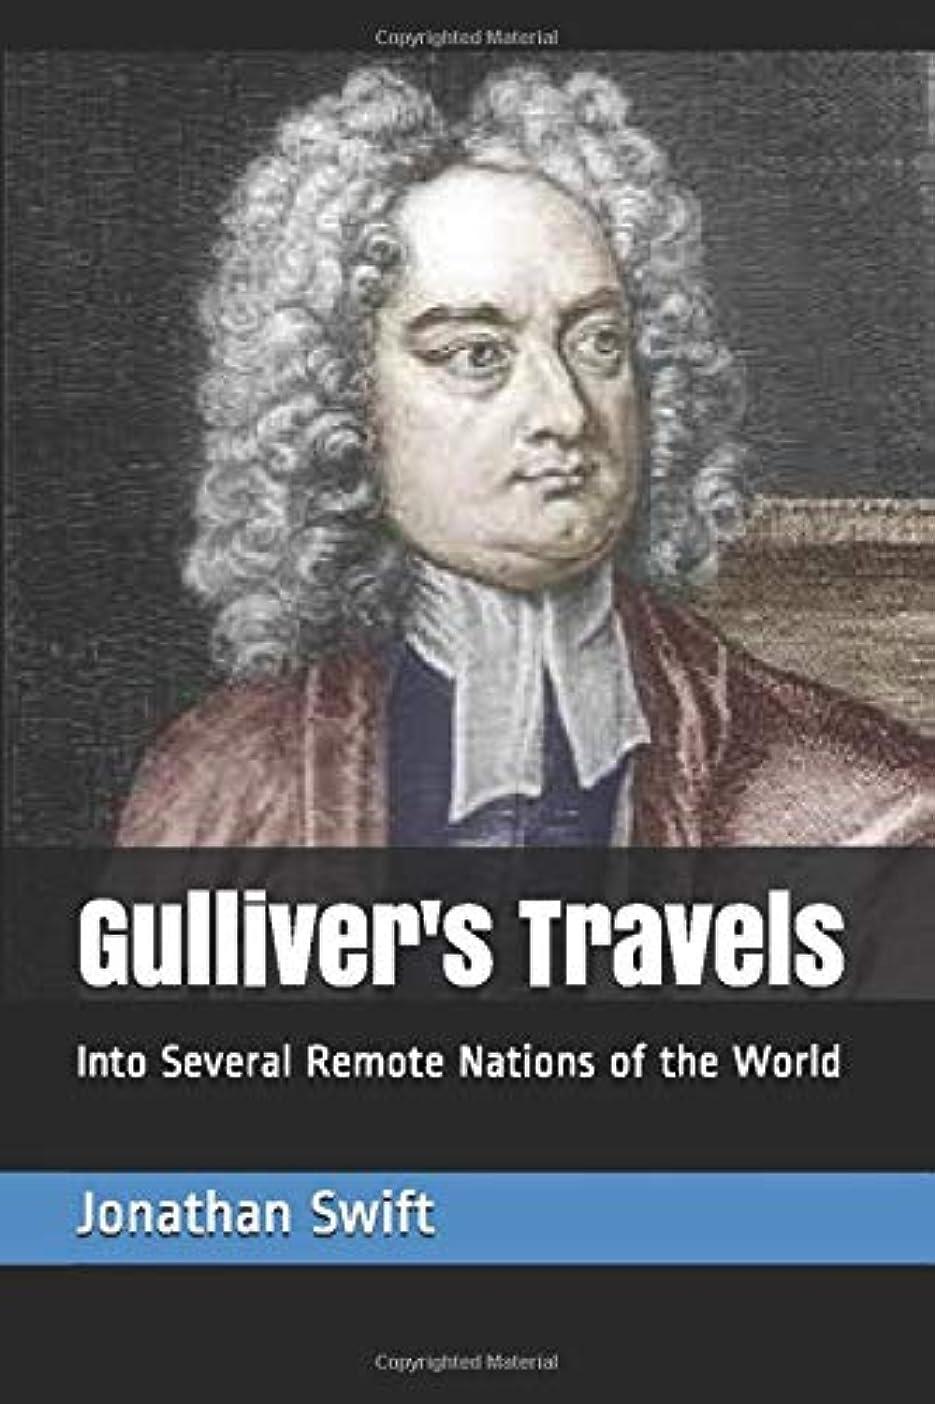 難民クリップ蝶特性Gulliver's Travels: Into Several Remote Nations of the World